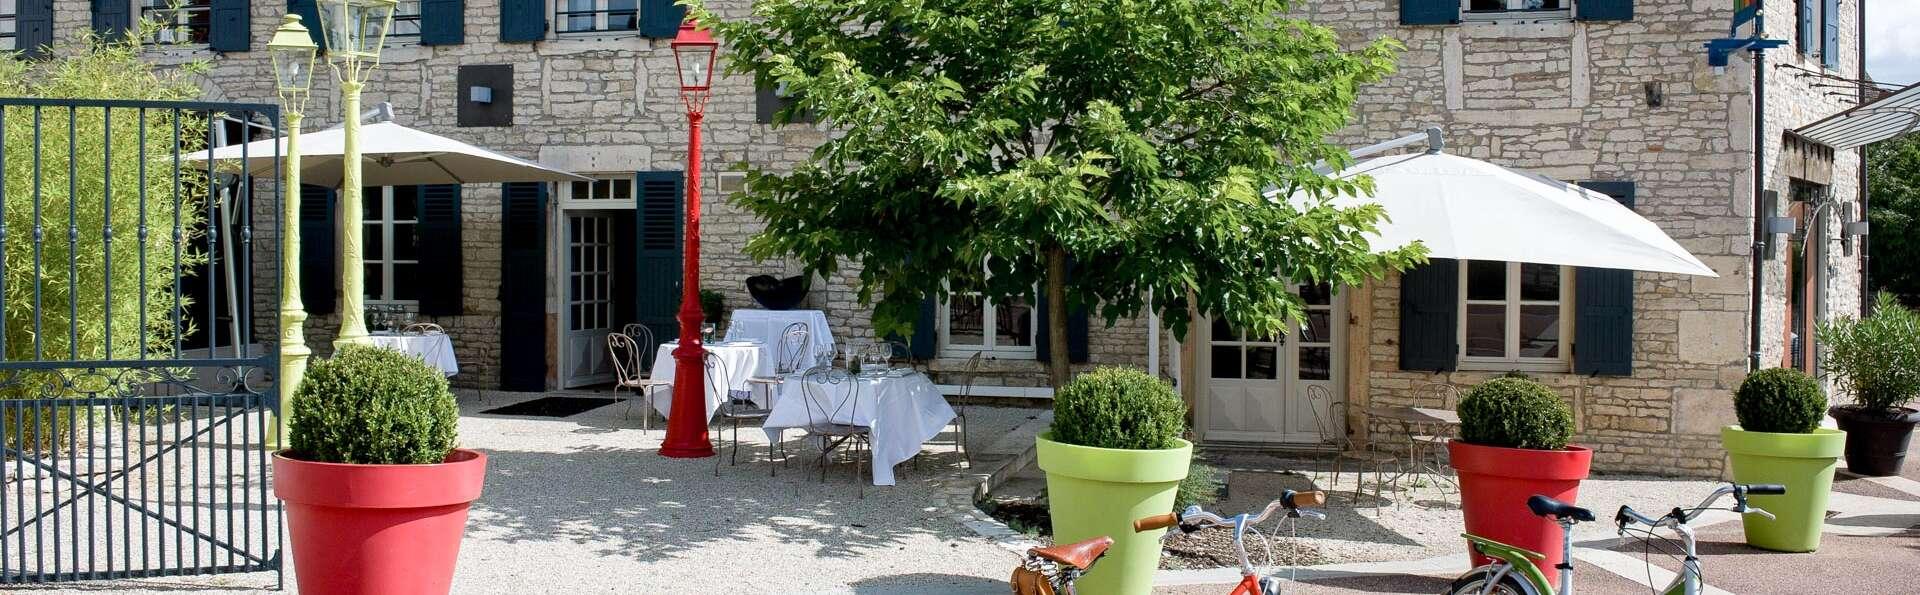 Hôtel Spa Frédéric Carrion - EDIT_FRONT_01.jpg